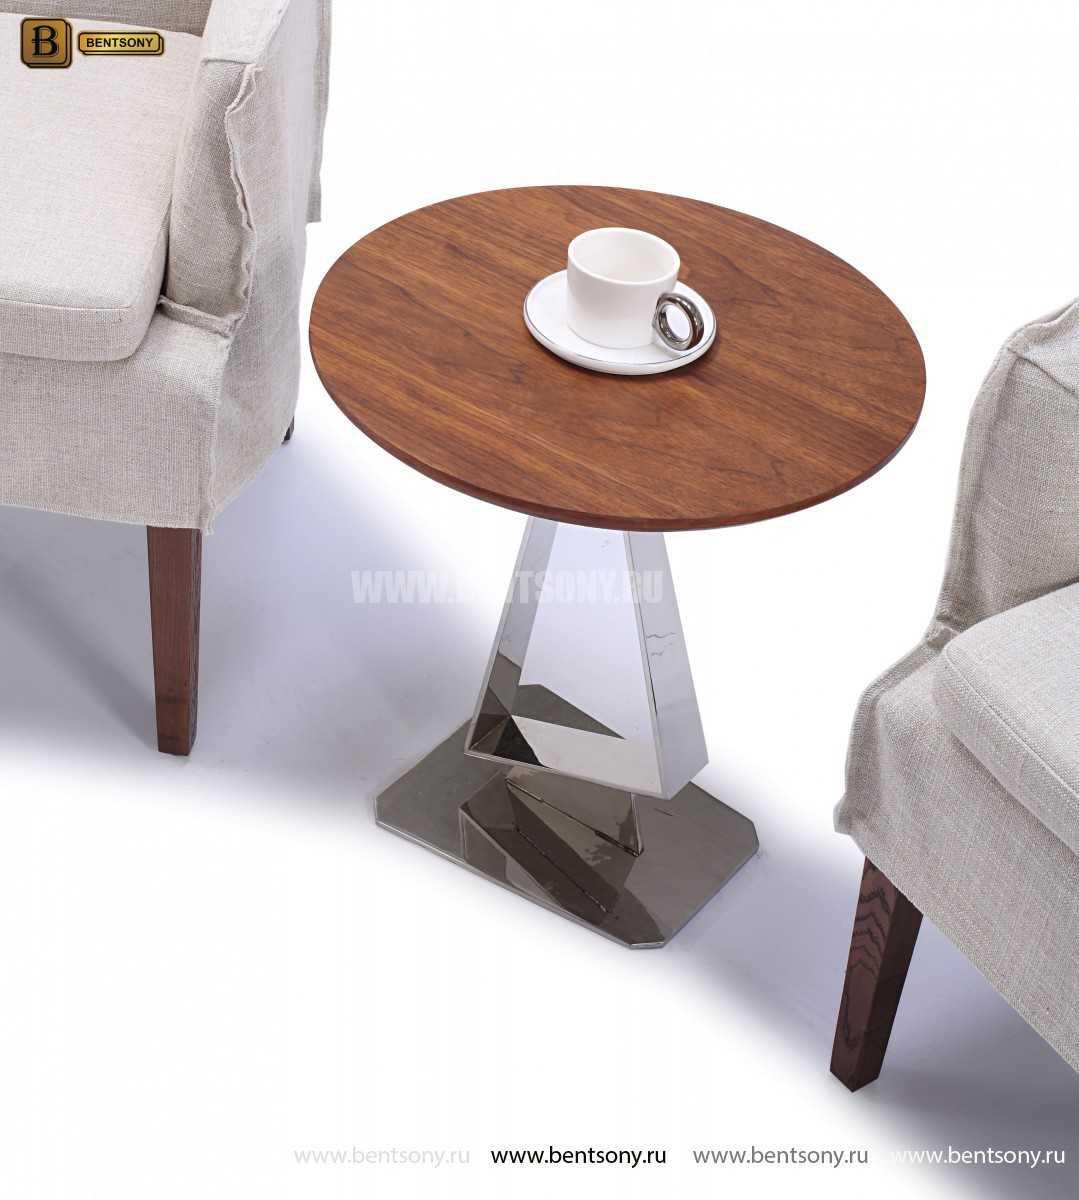 Стол Приставной (Круглый, Деревянная столешница) изображение